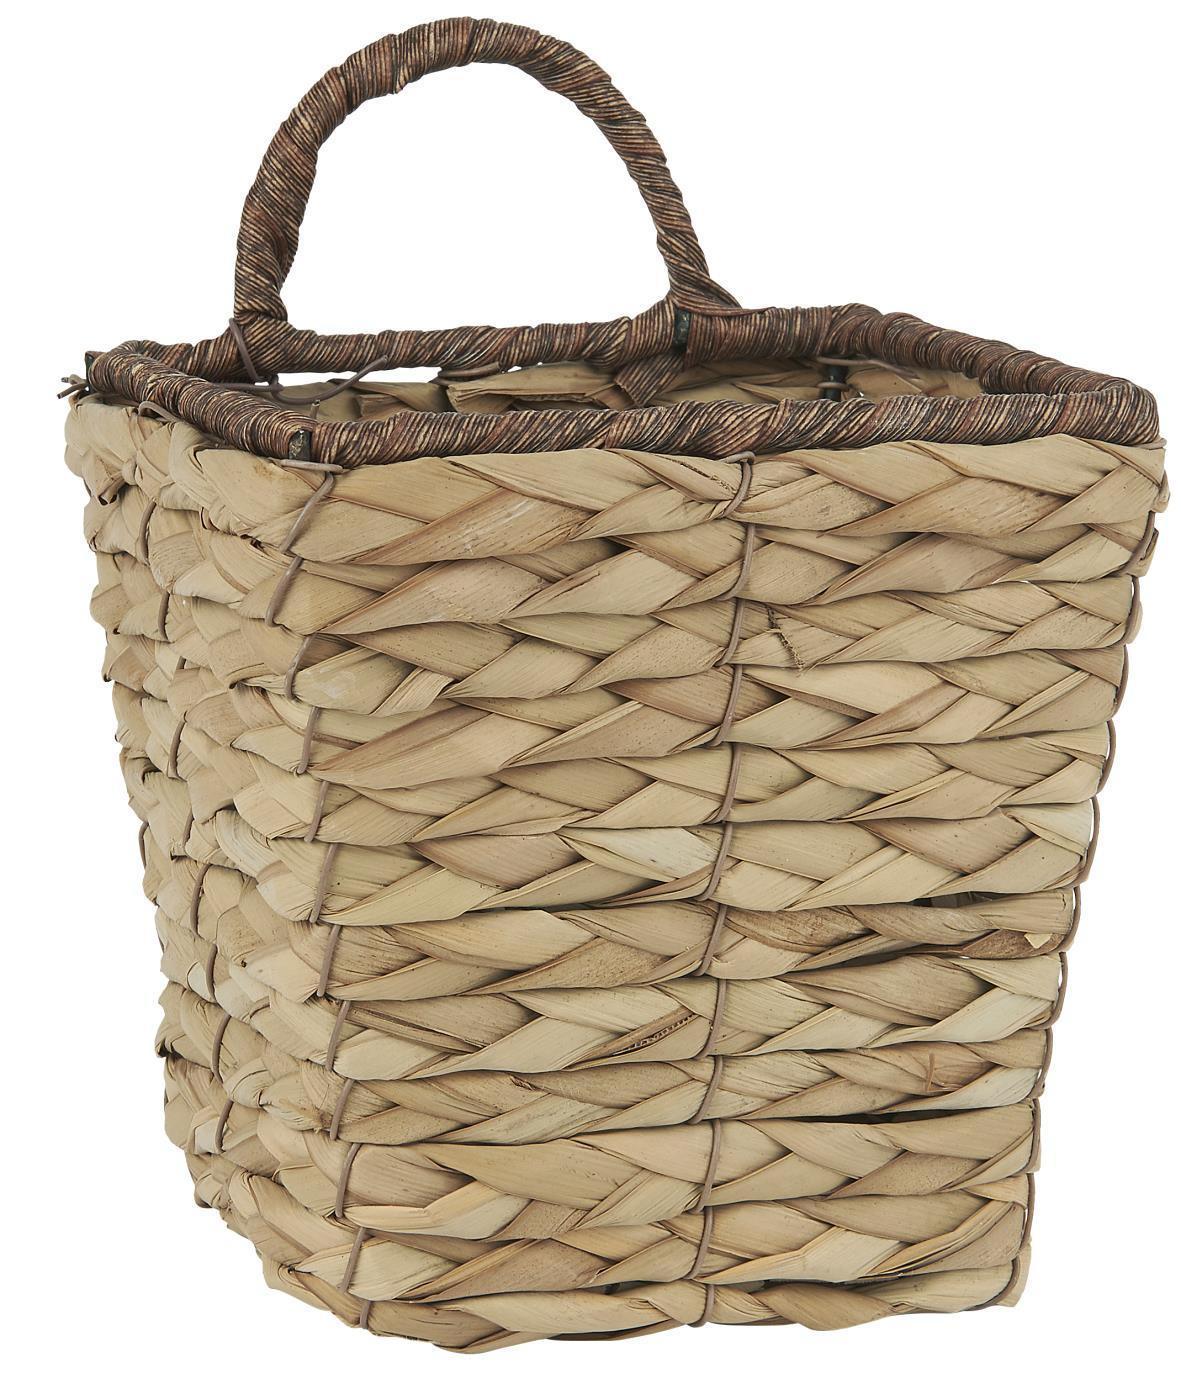 IB LAURSEN Závěsný košíček Rectangular Basket, přírodní barva, dřevo, kov, proutí